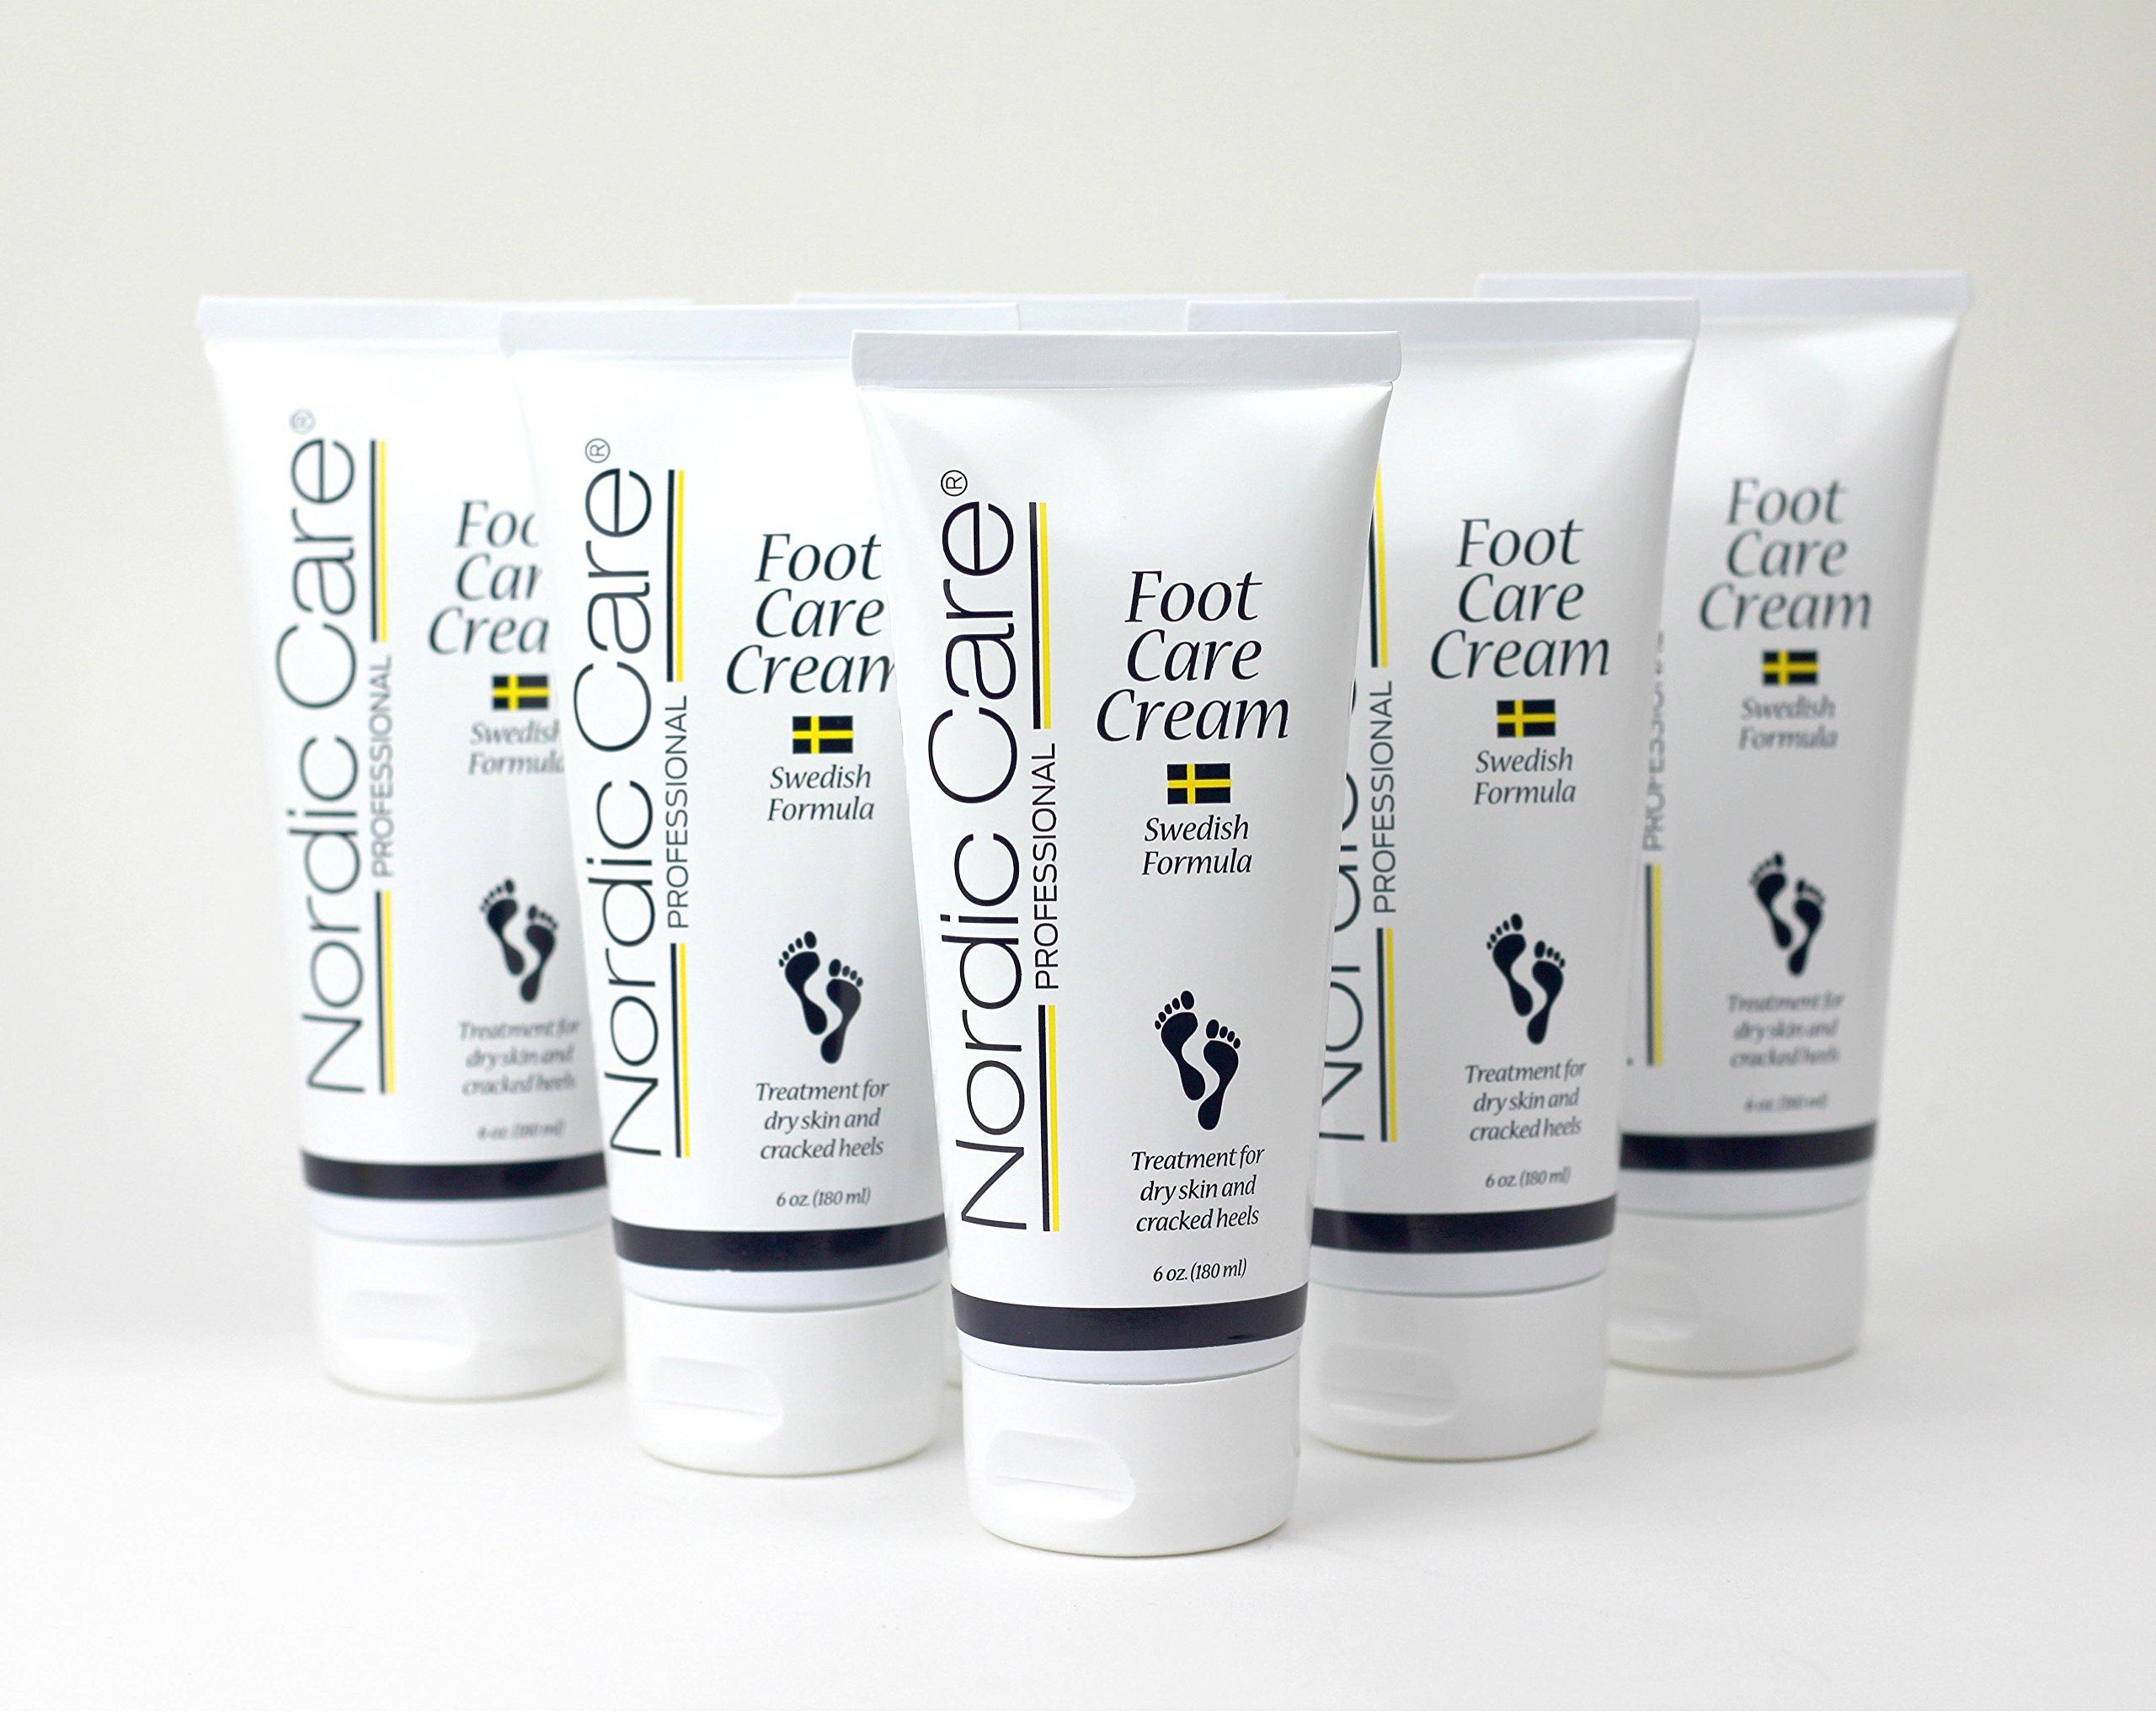 Nordic Care Foot Care Cream 6 oz. (12-Pack)